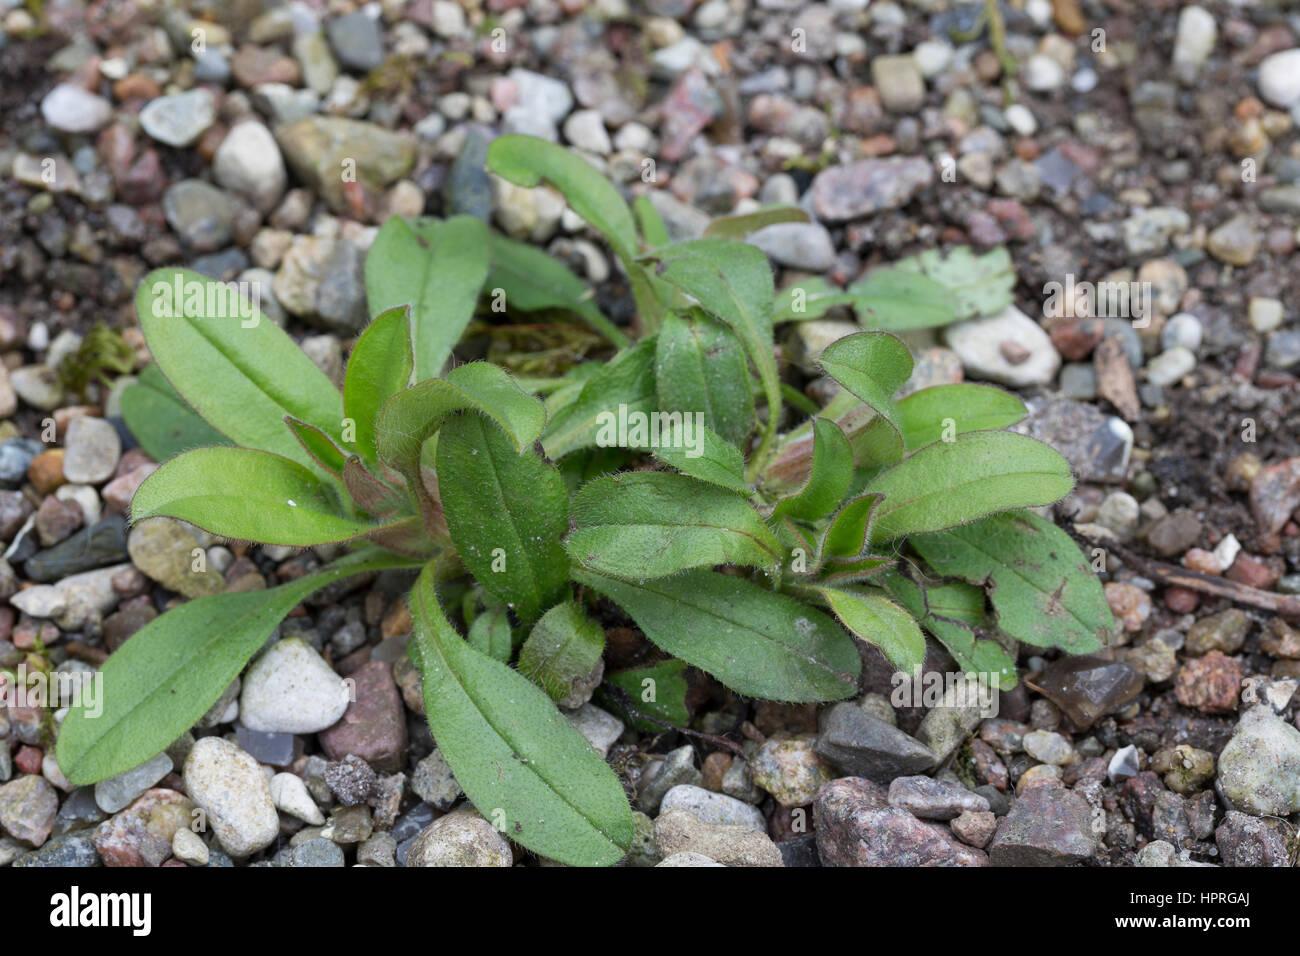 Vergissmeinnicht, Blatt, Blätter vor der Blüte, Myosotis spec., forget-me-not, scorpion grass Stock Photo